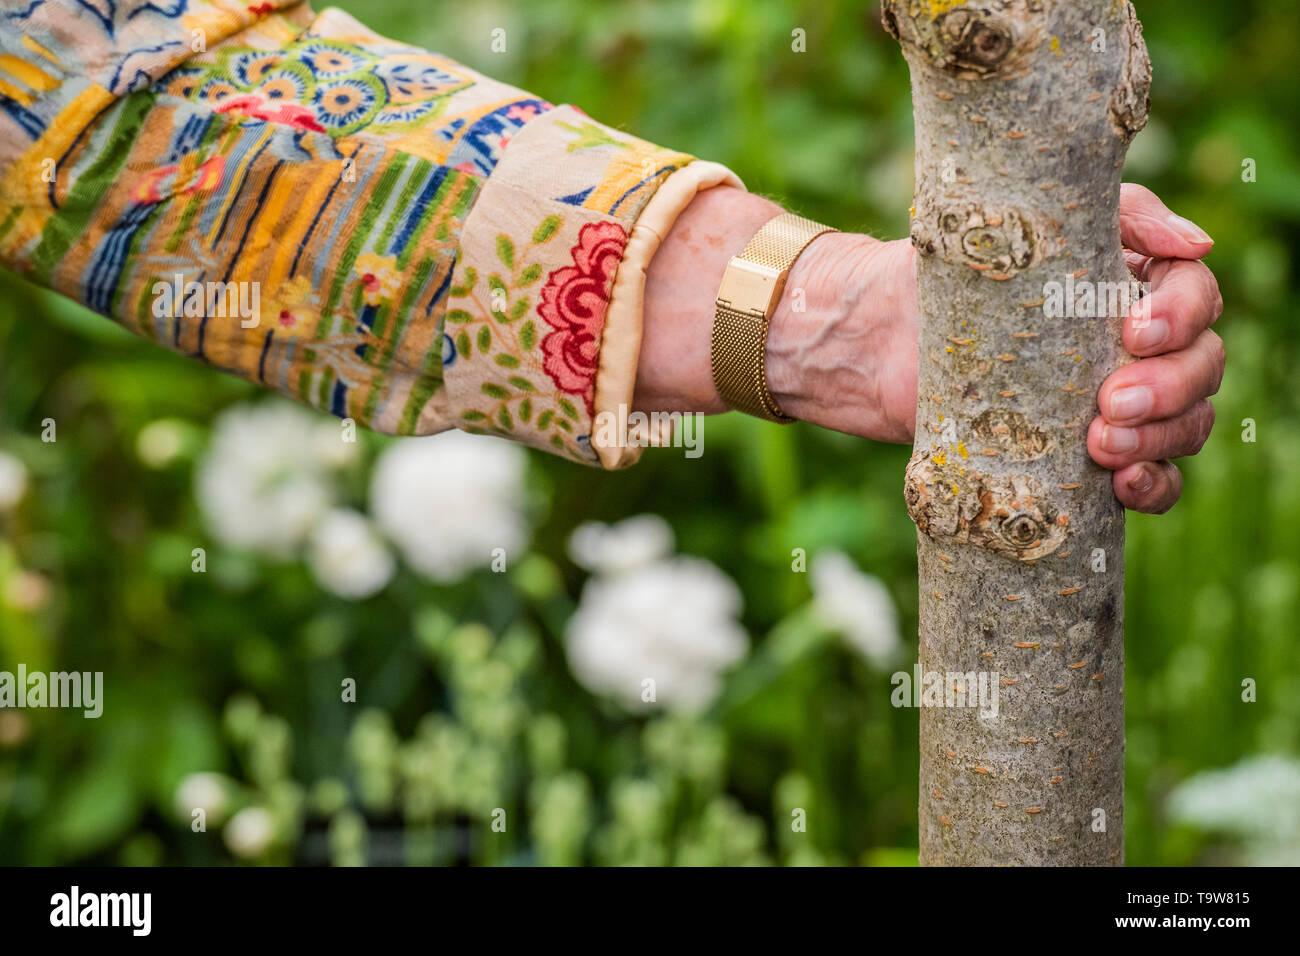 Londres, Reino Unido. 20 de mayo de 2019. Dame Judi Dench lanza una nueva iniciativa sobre la elming Hillier viveros stand - Pulse visprev día en el RHS Chelsea Flower Show. Crédito: Guy Bell/Alamy Live News Foto de stock